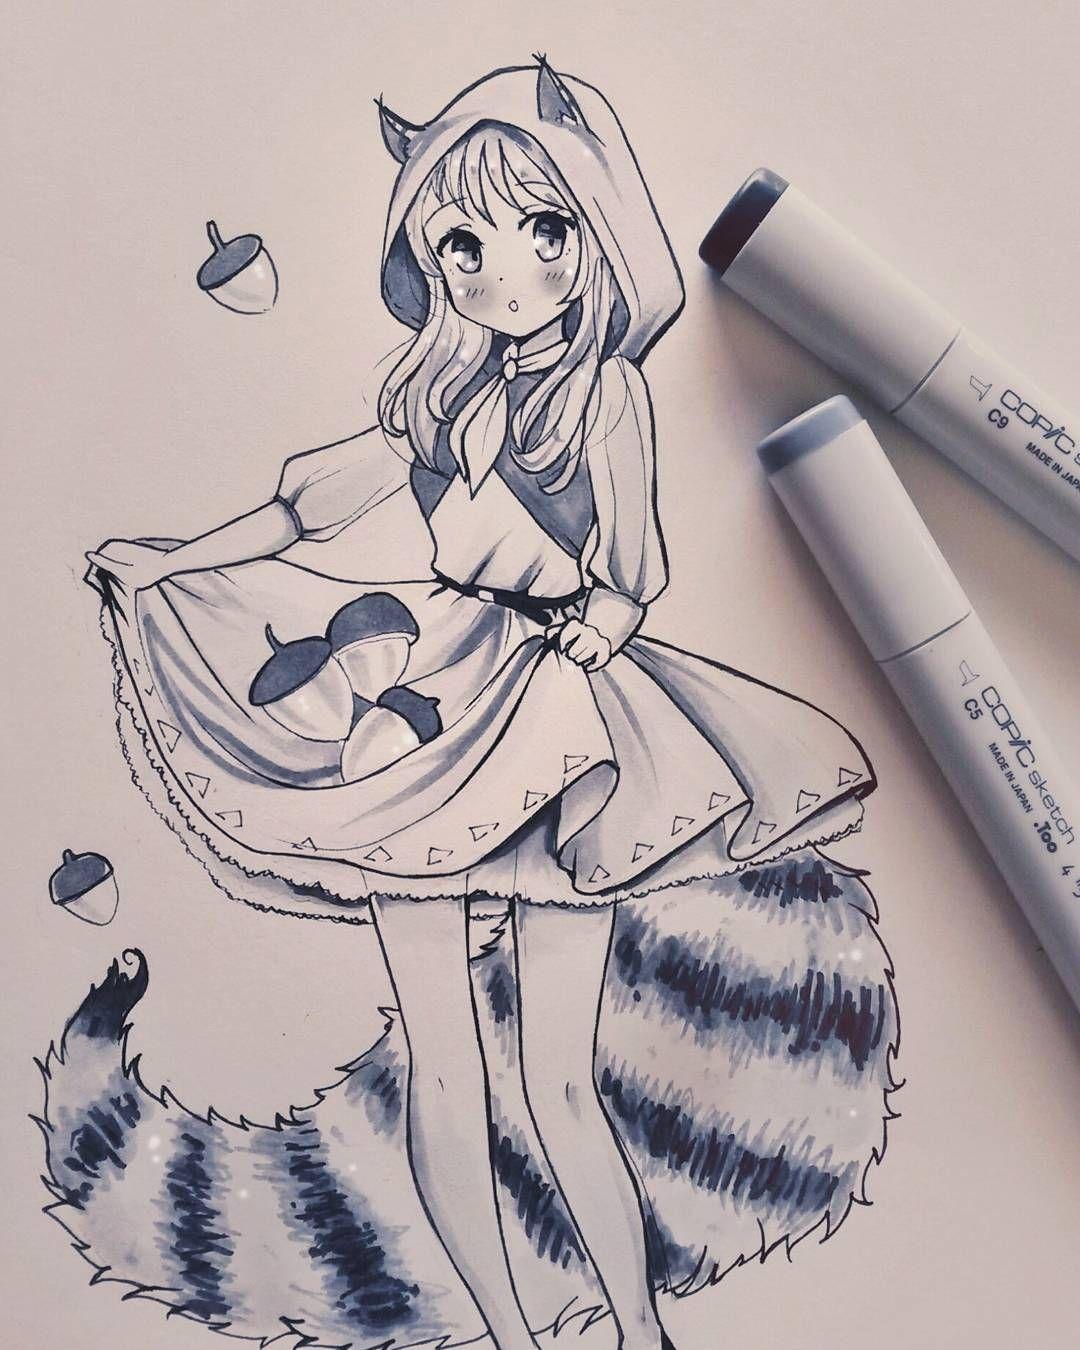 Pin On Anime Drawing Stuff